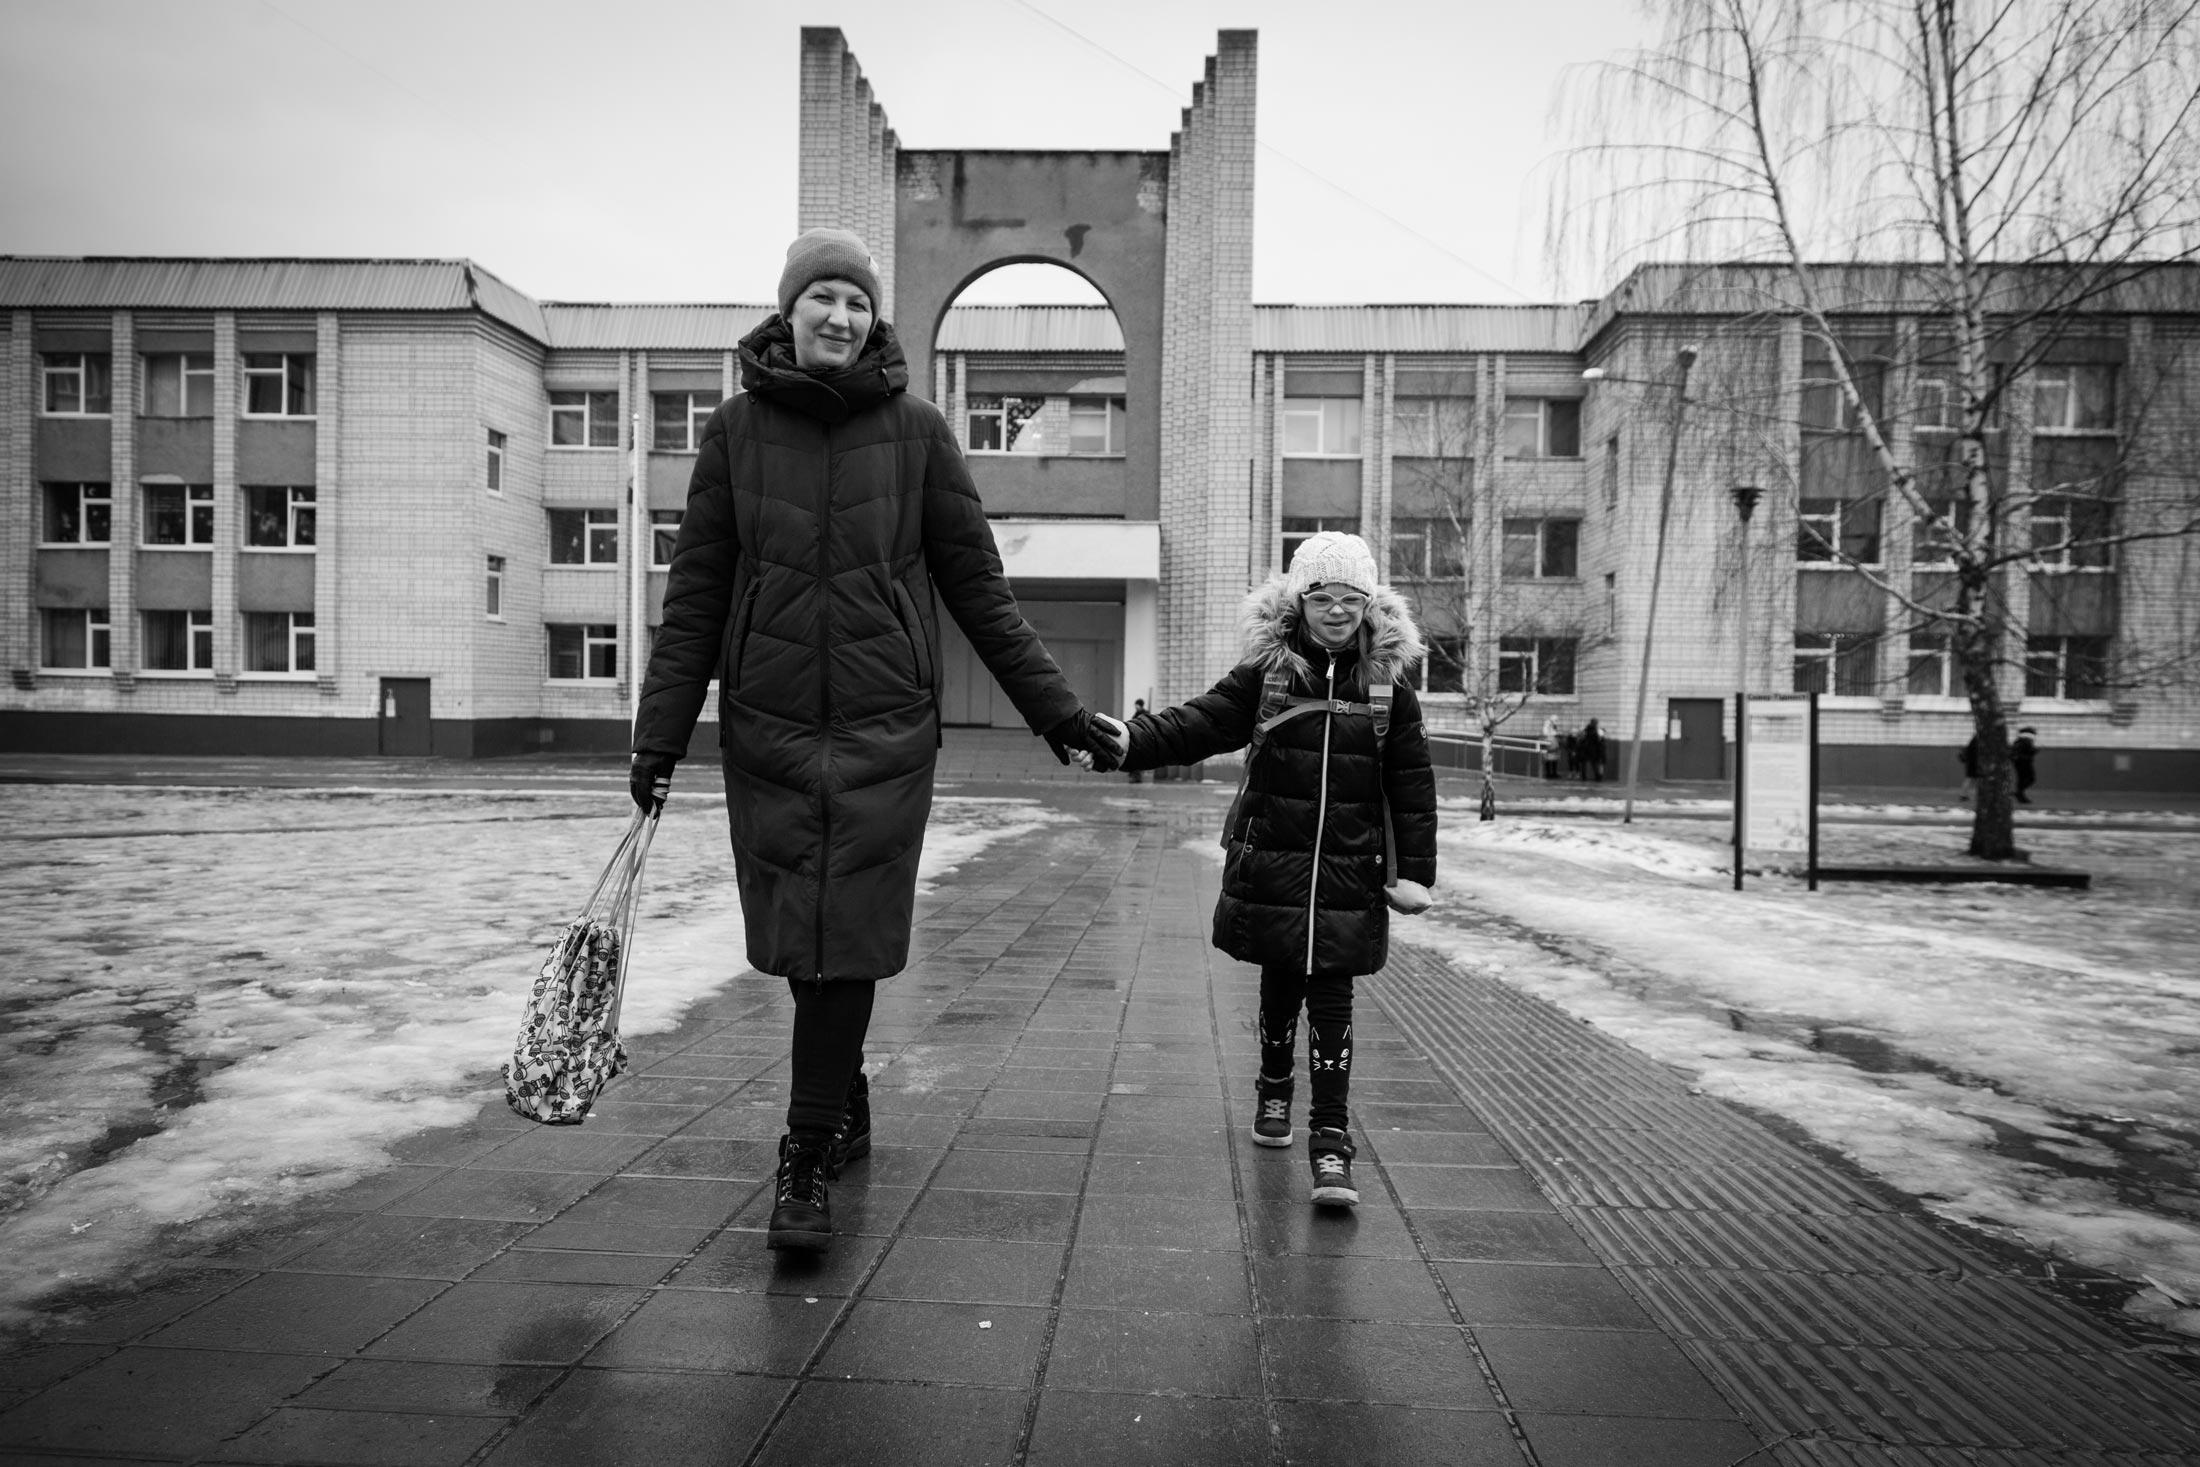 yulia boiko 02 - <b>Таке життя.</b> Як спілкуватися із батьками дітей з особливими потребами й не перетворювати розмову на щось особливе - Заборона